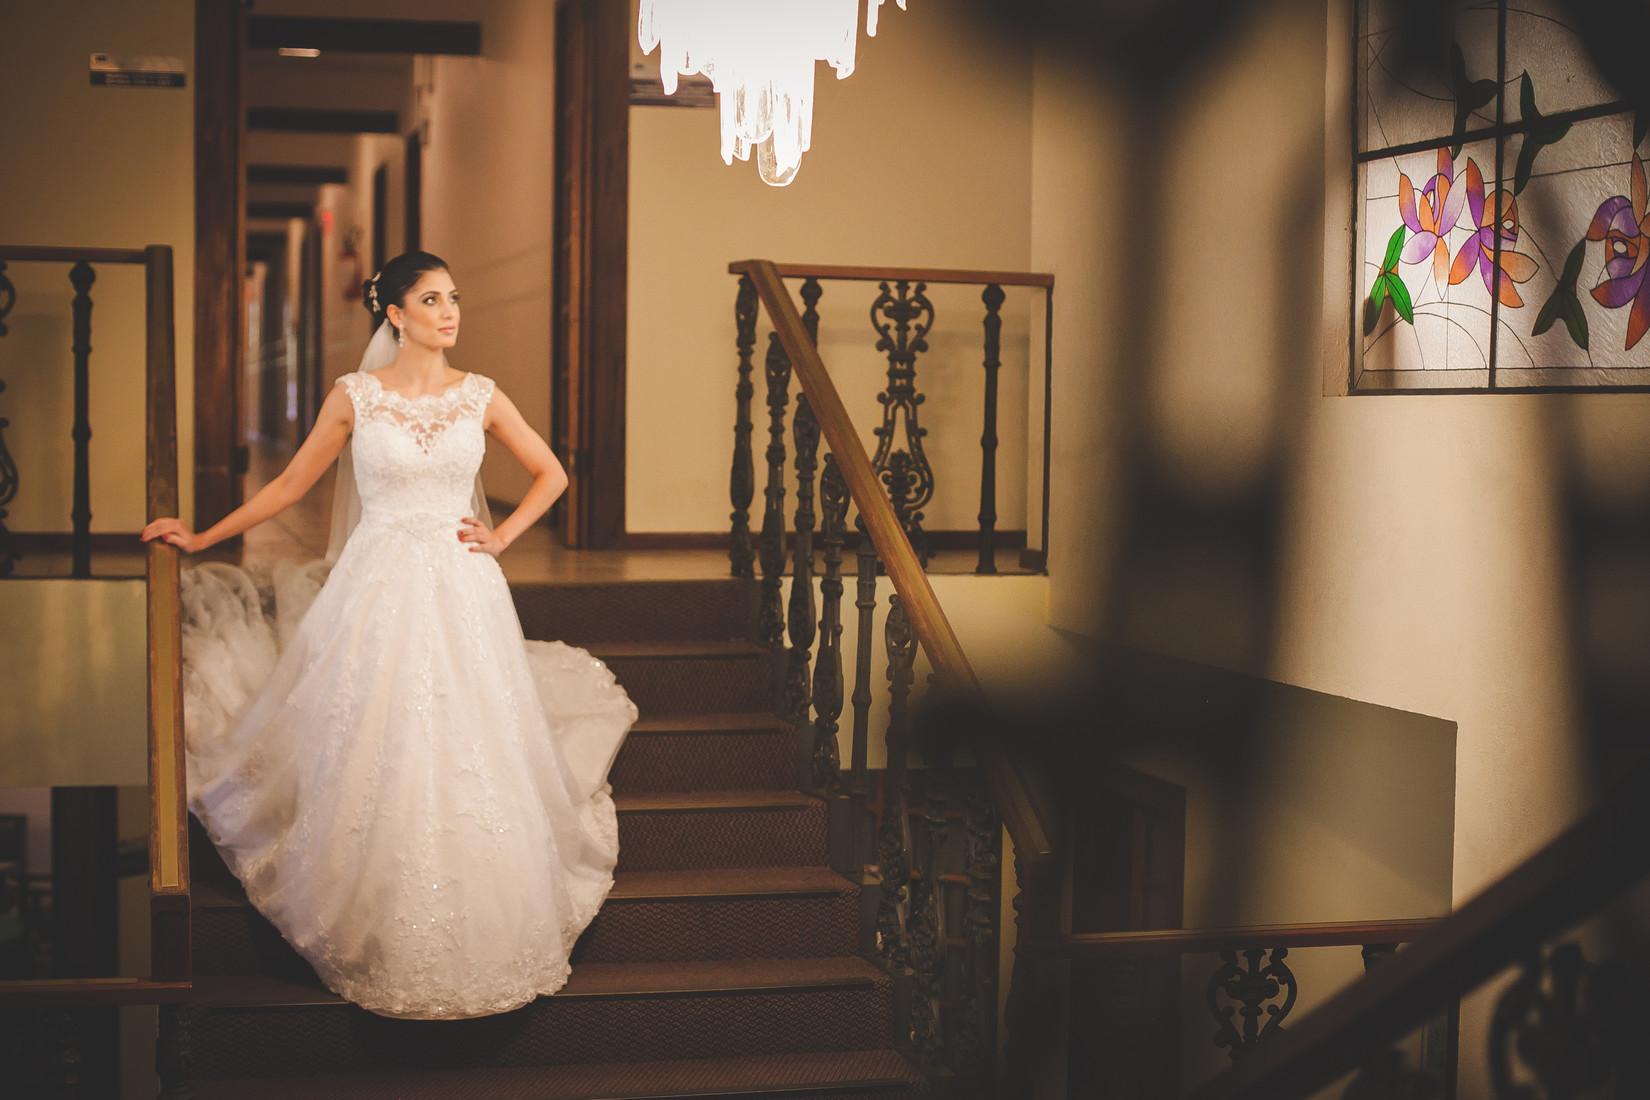 Contate Fotógrafo de casamento em Florianópolis